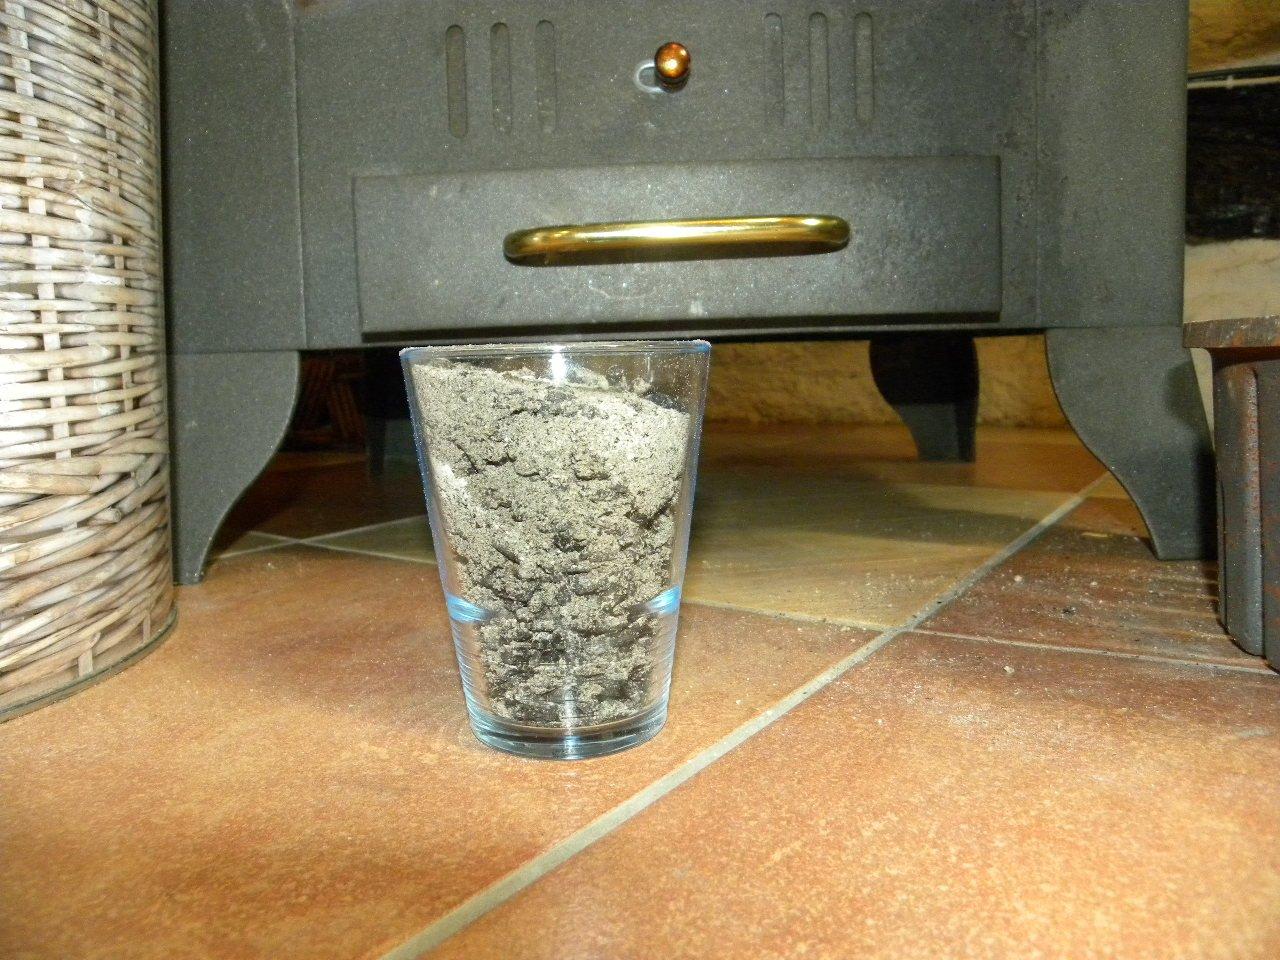 QAITO 20 gránulos para quemador de inserción y Estufa de leña (medalla de oro de concurso lép: Amazon.es: Hogar